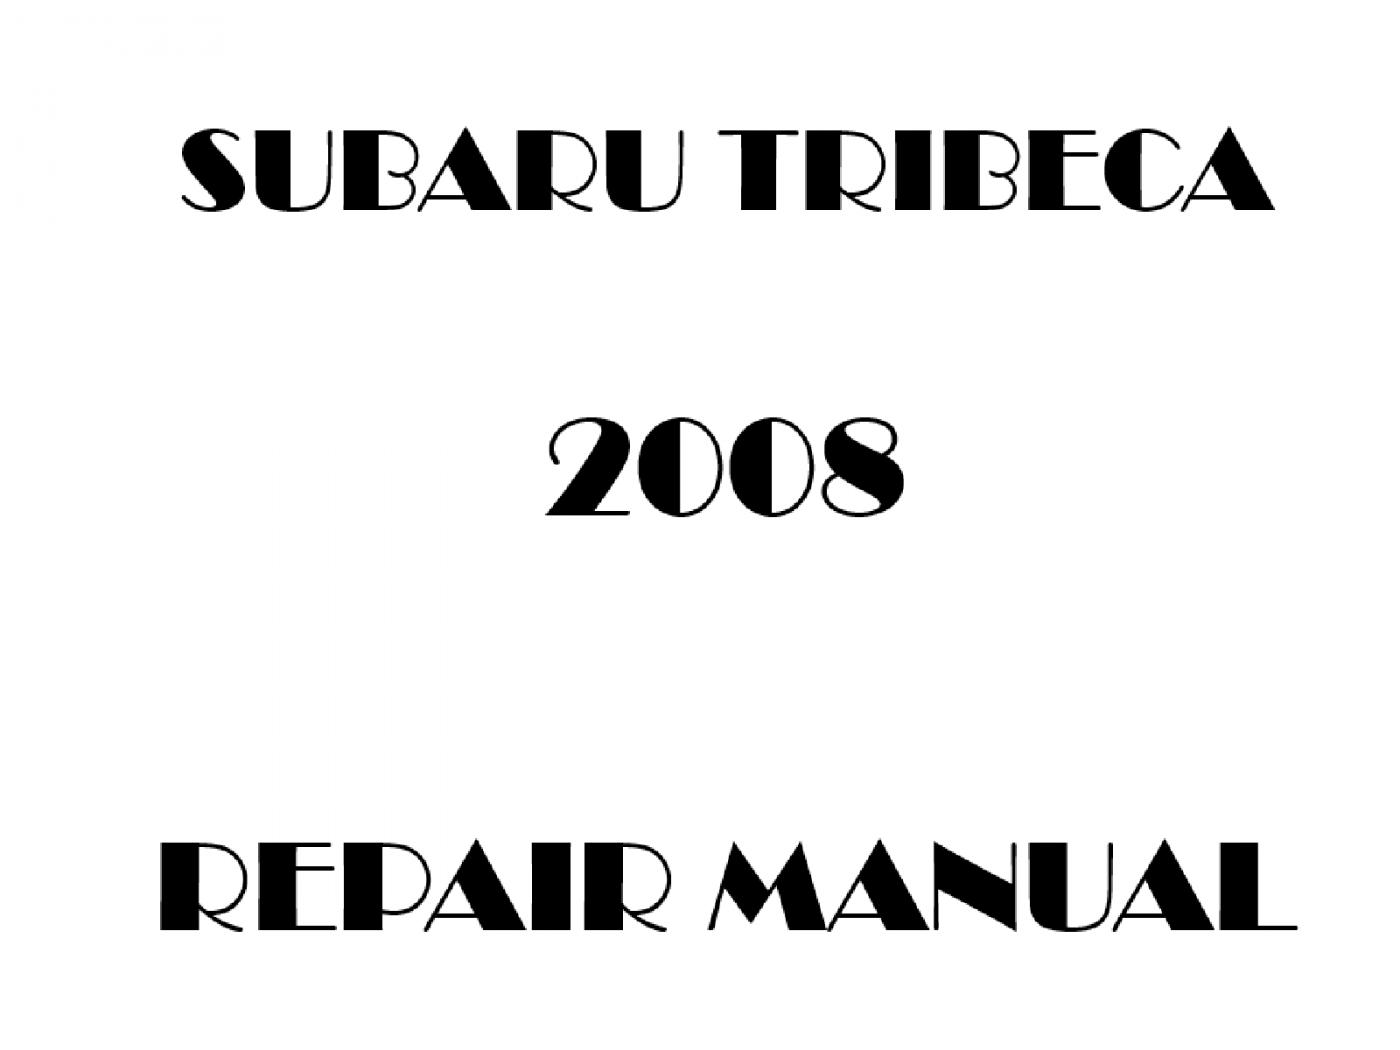 2008 Subaru Tribeca repair manual